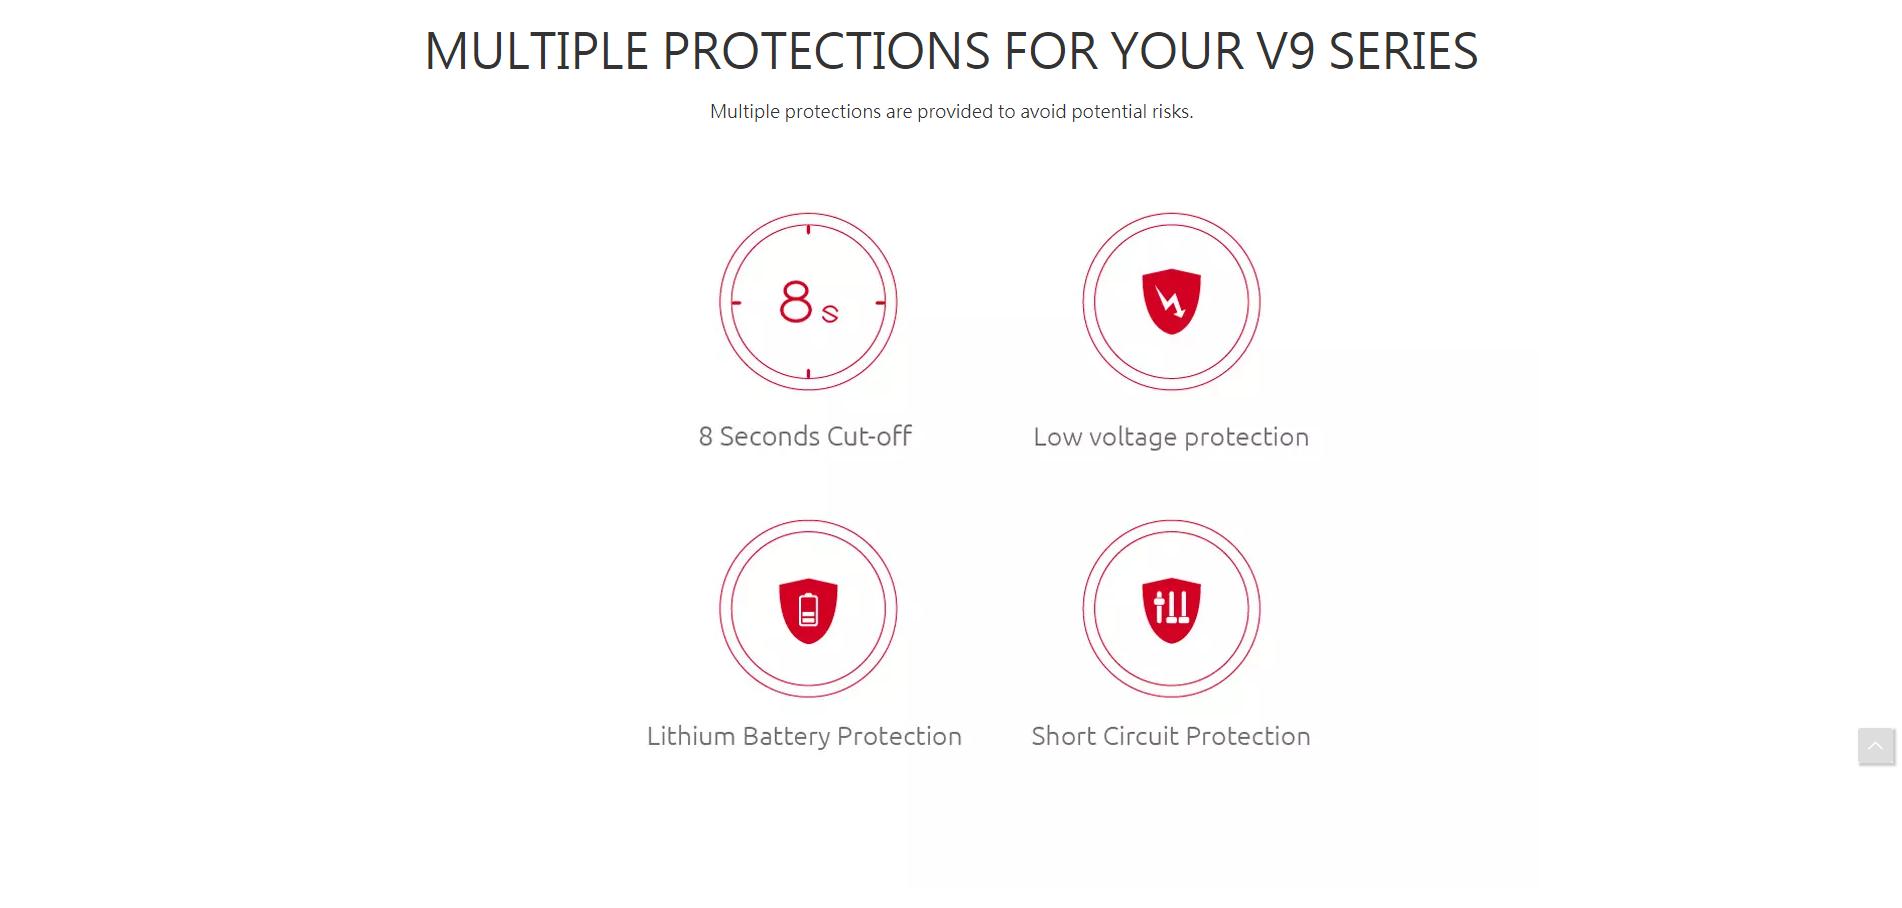 Stick V9 protection